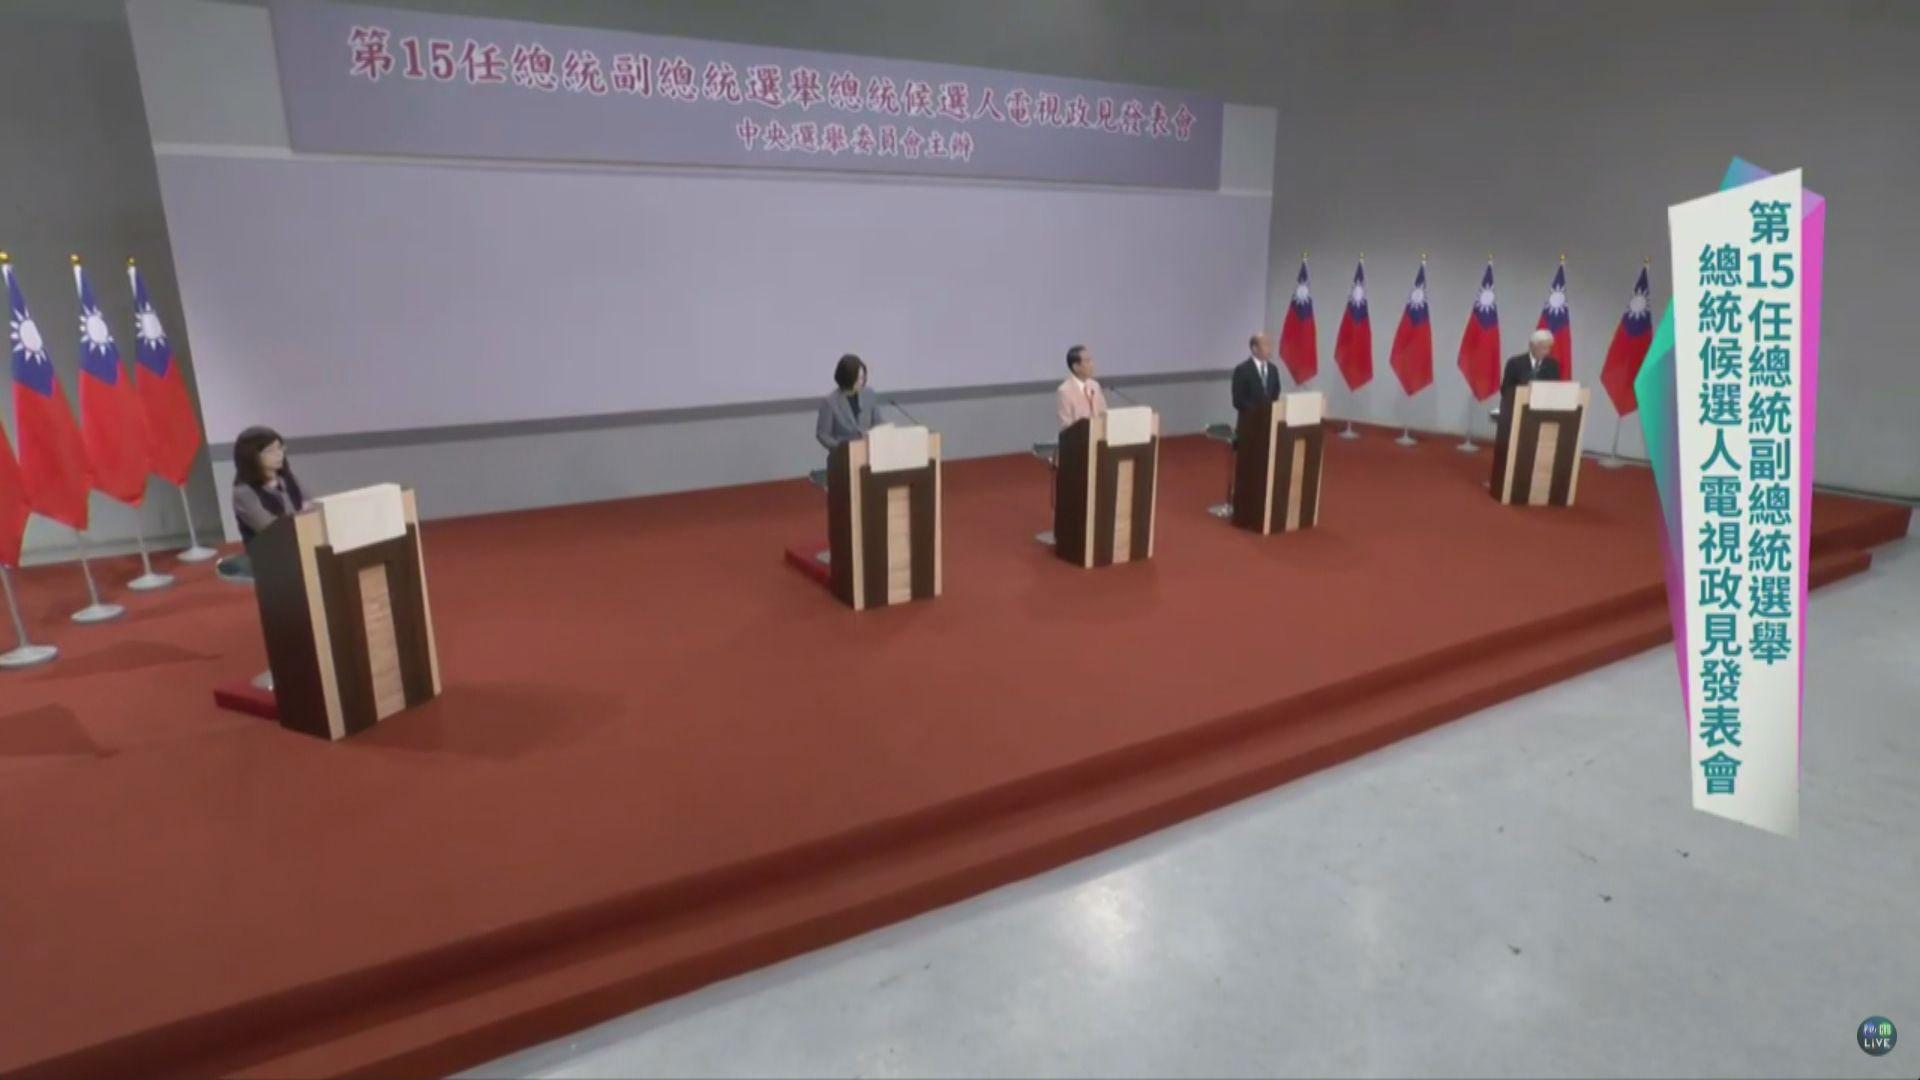 台灣舉行總統候選人政見發表會